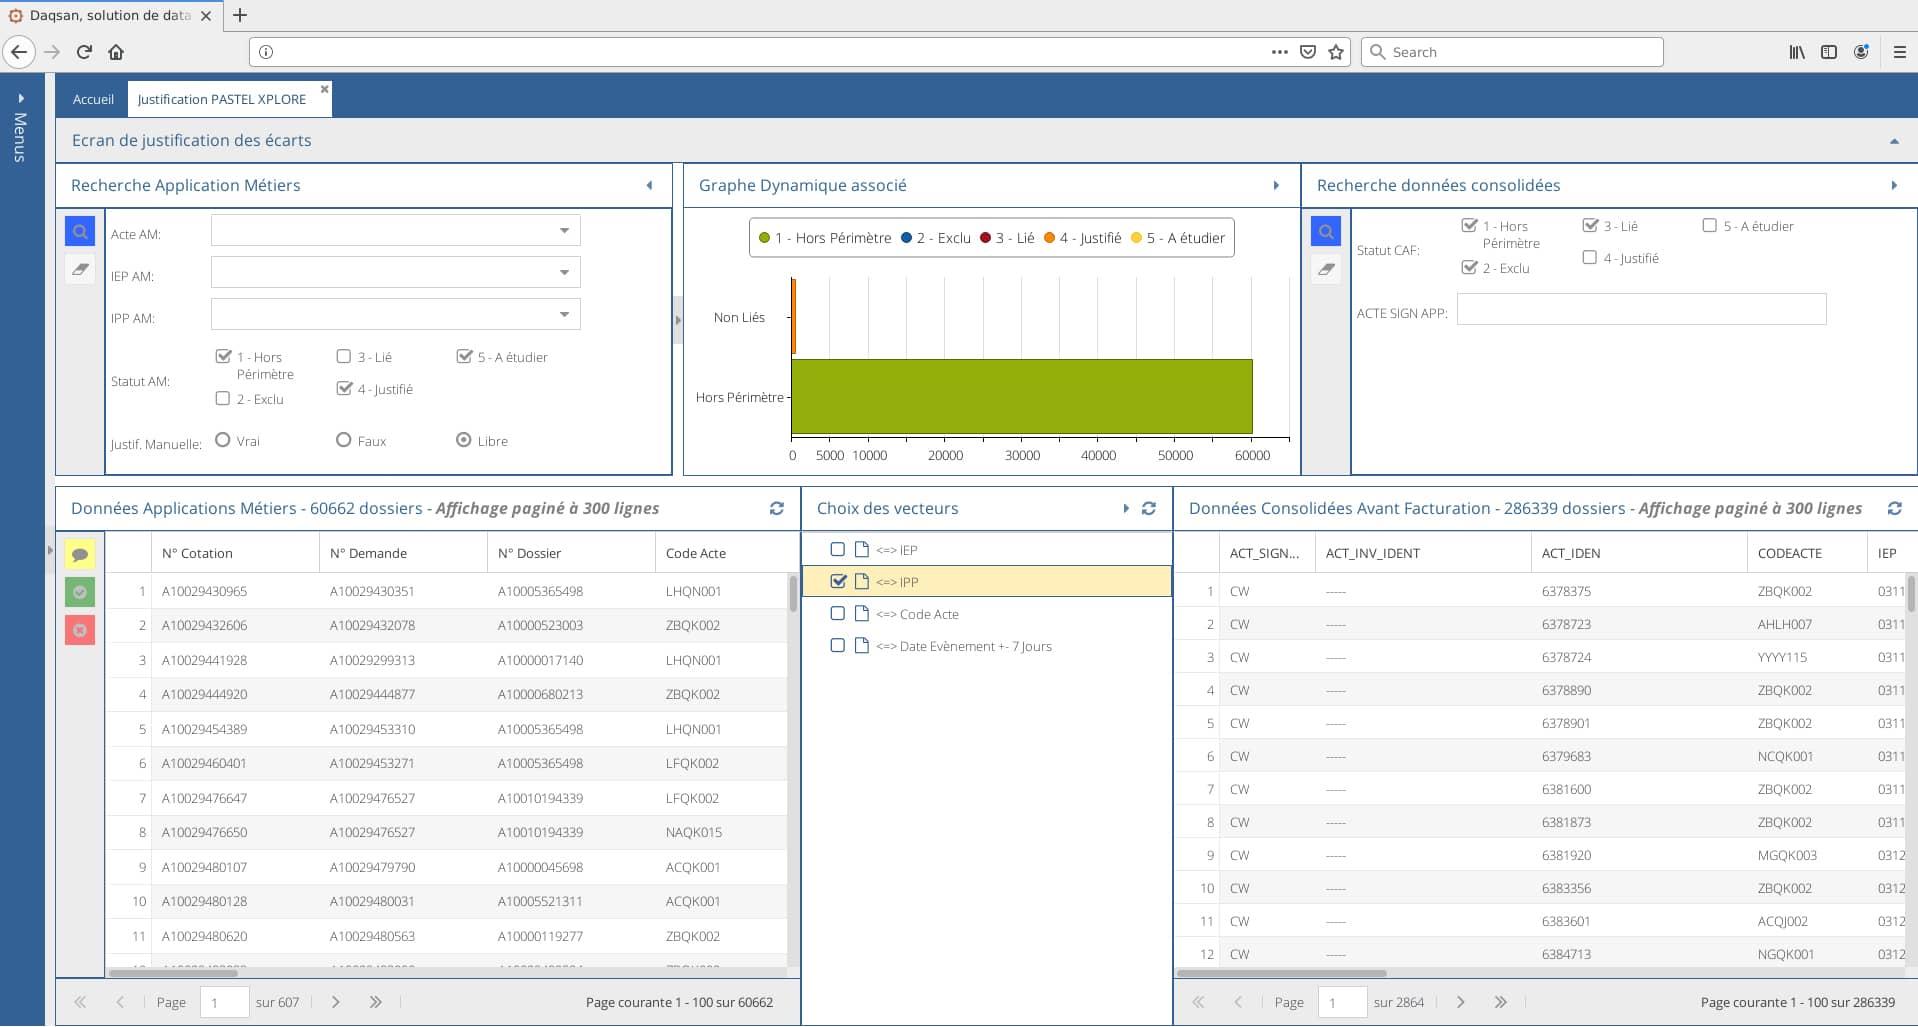 Daqsan, solution logiciel, accompagnement a la certification aux comptes par le croisement des actes factures